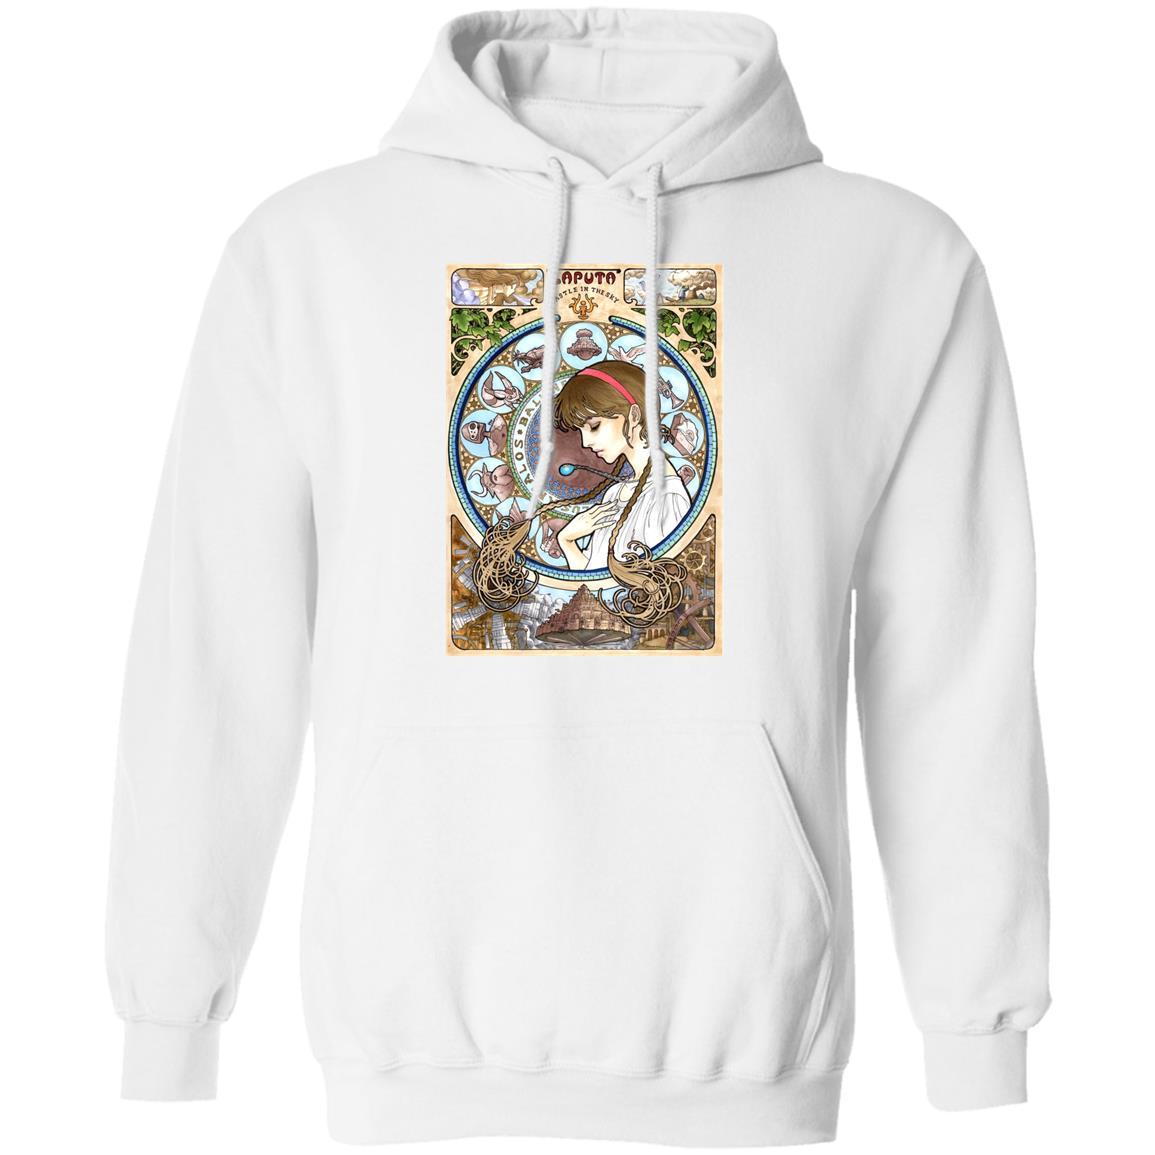 Laputa: Castle in The Sky – Sheeta Portrait Art Hoodie